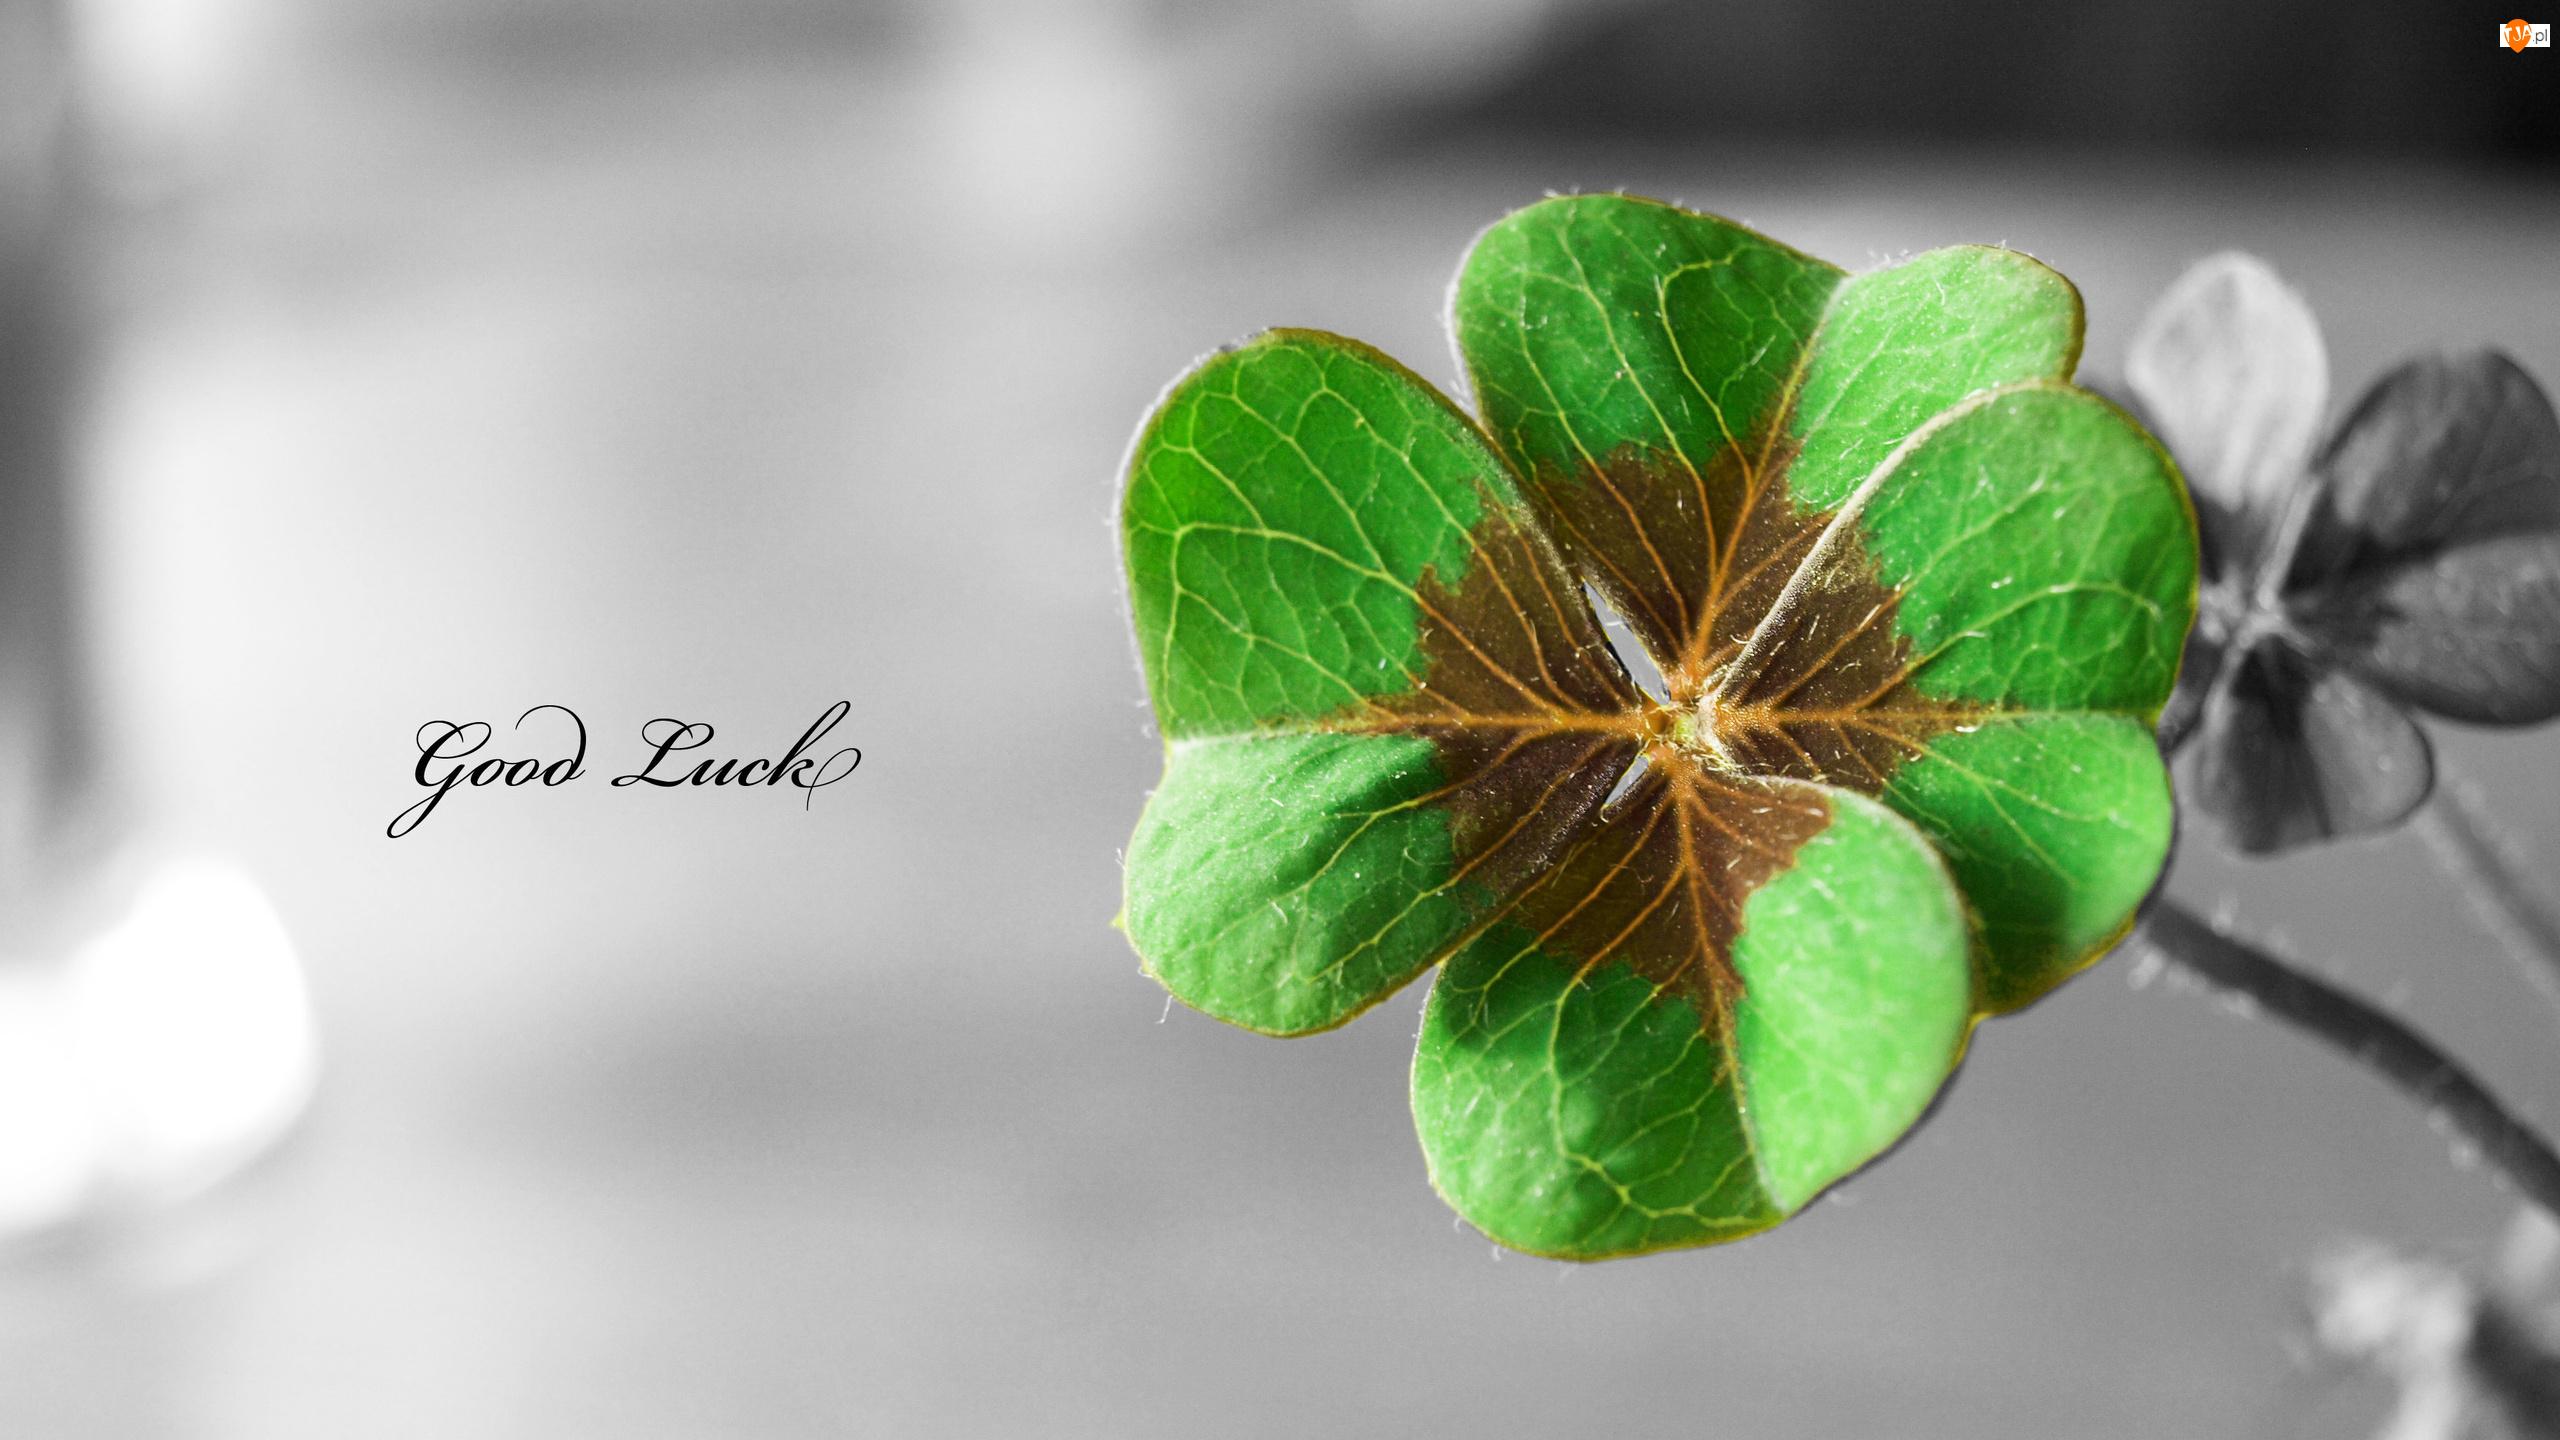 szczęście,good luck, szczęśliwe życie, człowiek